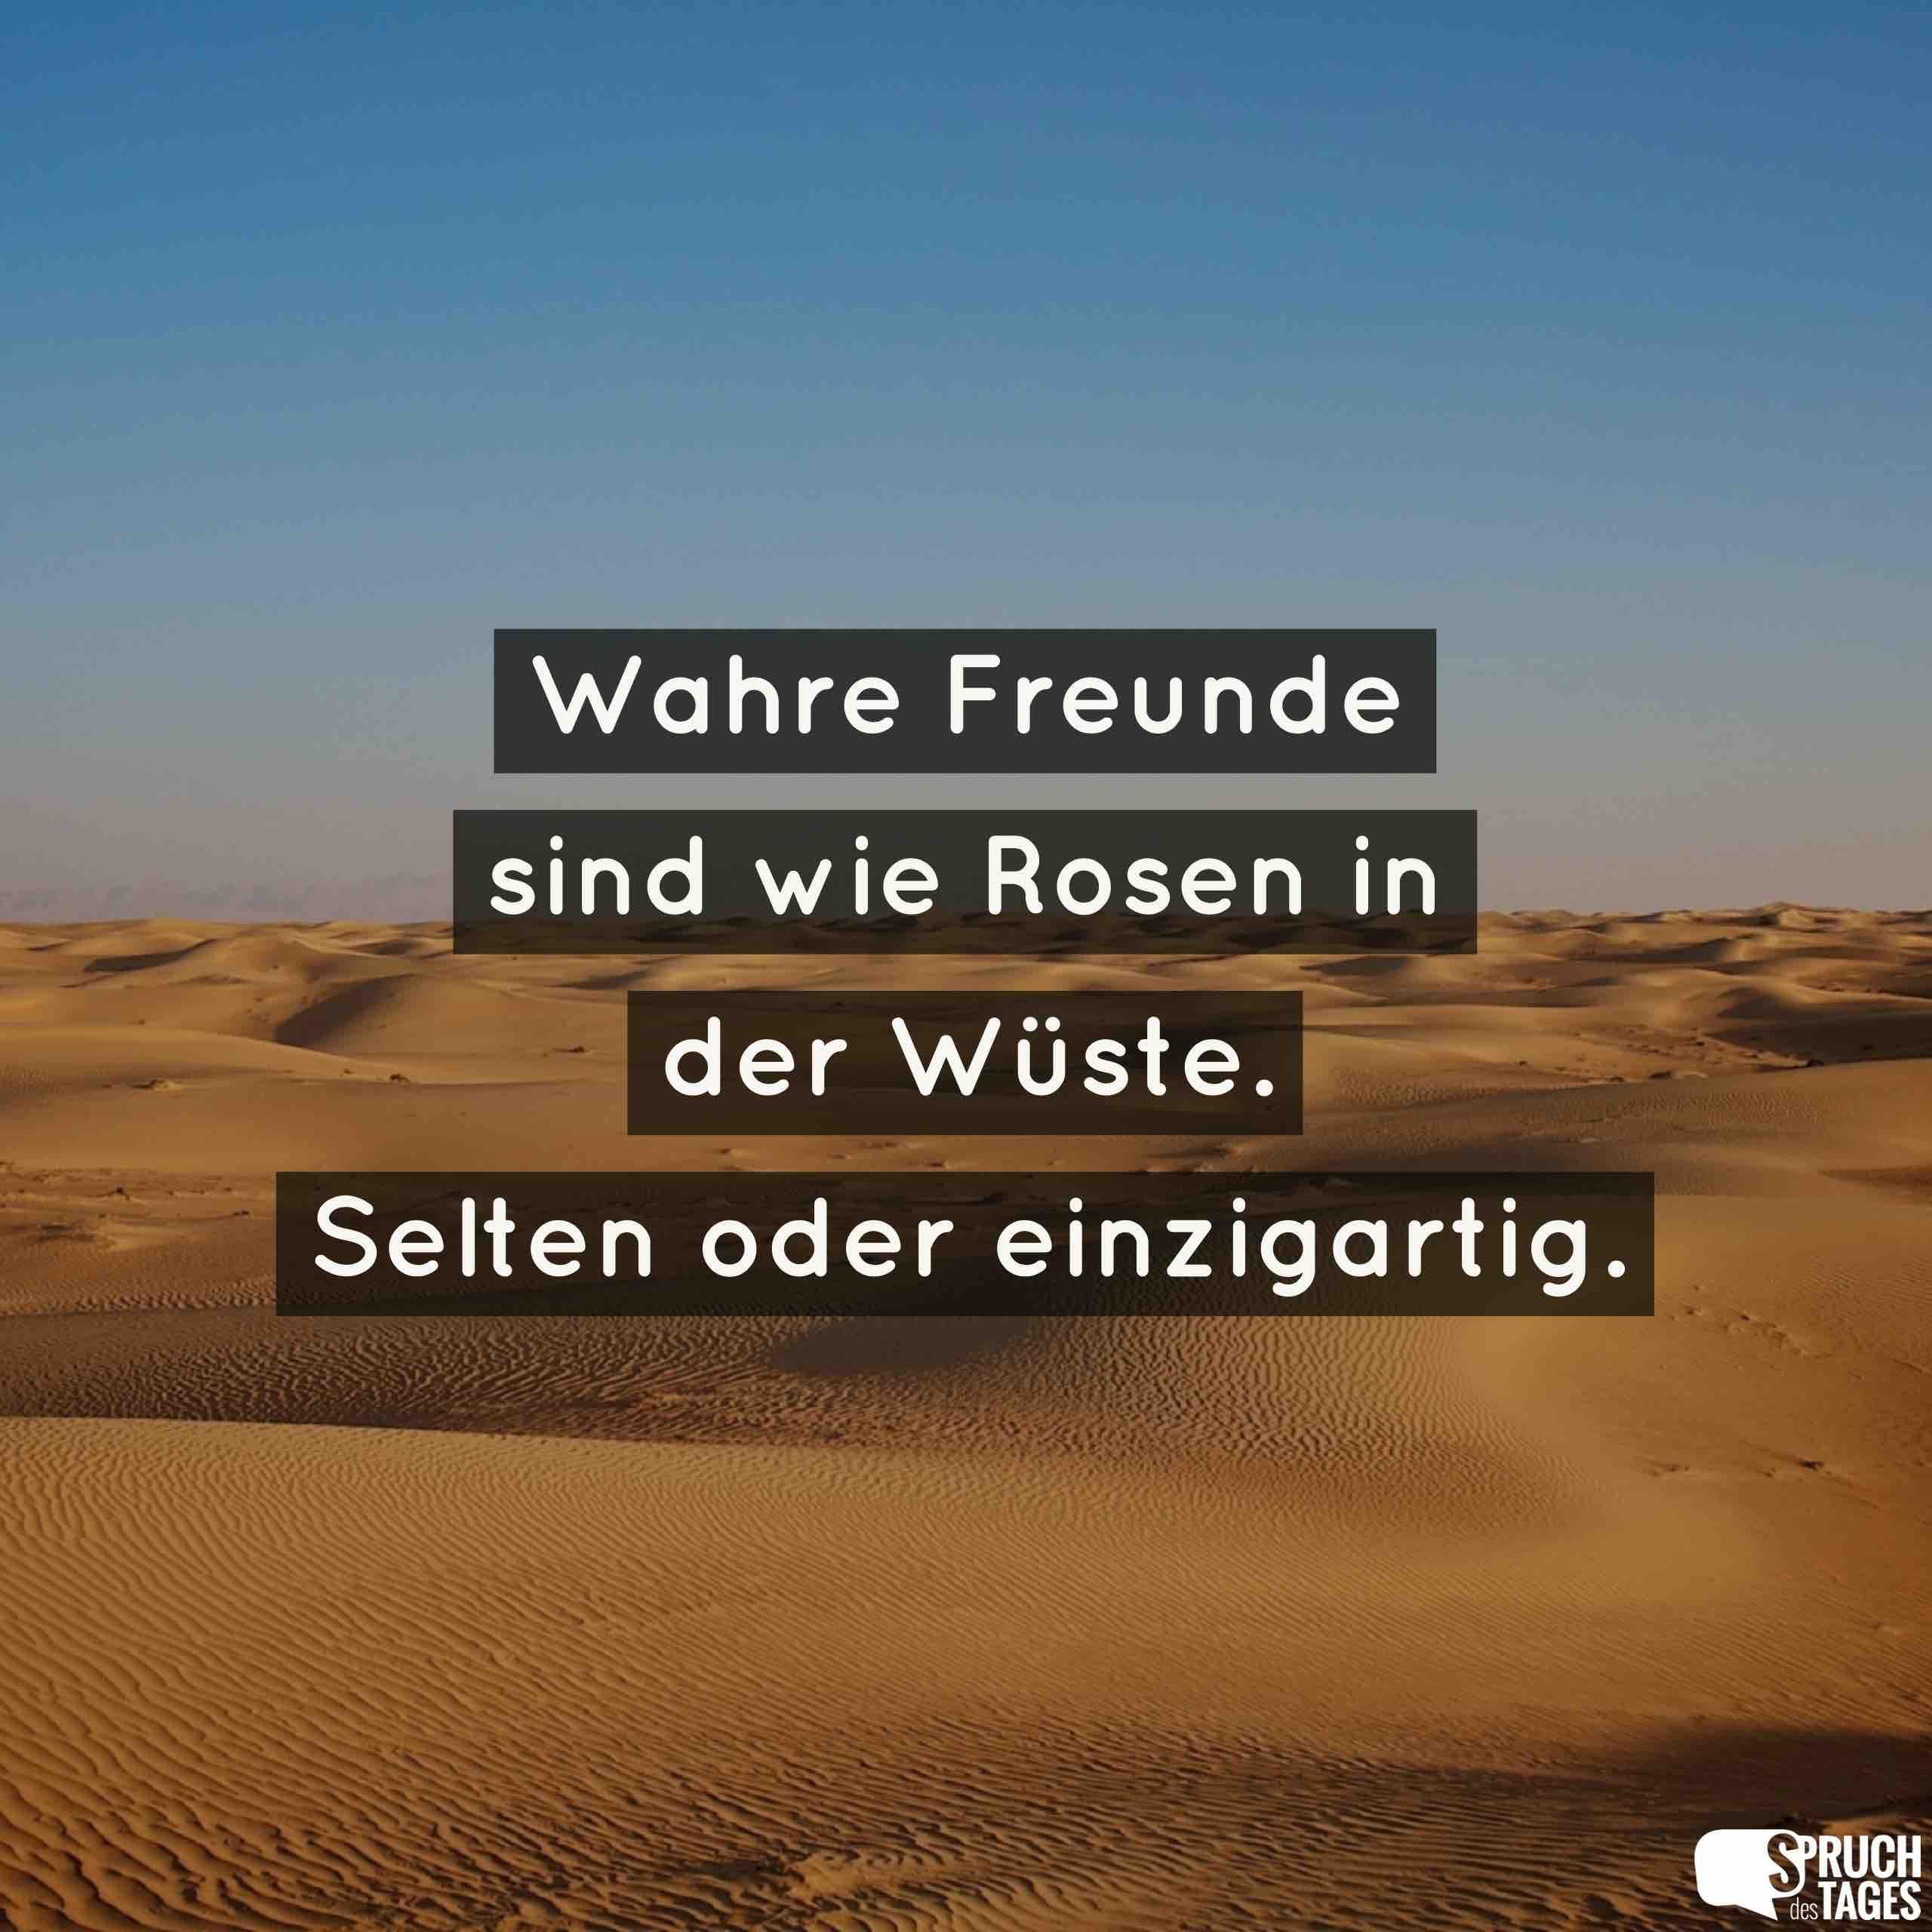 Wahre Freunde sind wie Rosen in der Wüste. Selten oder einzigartig.